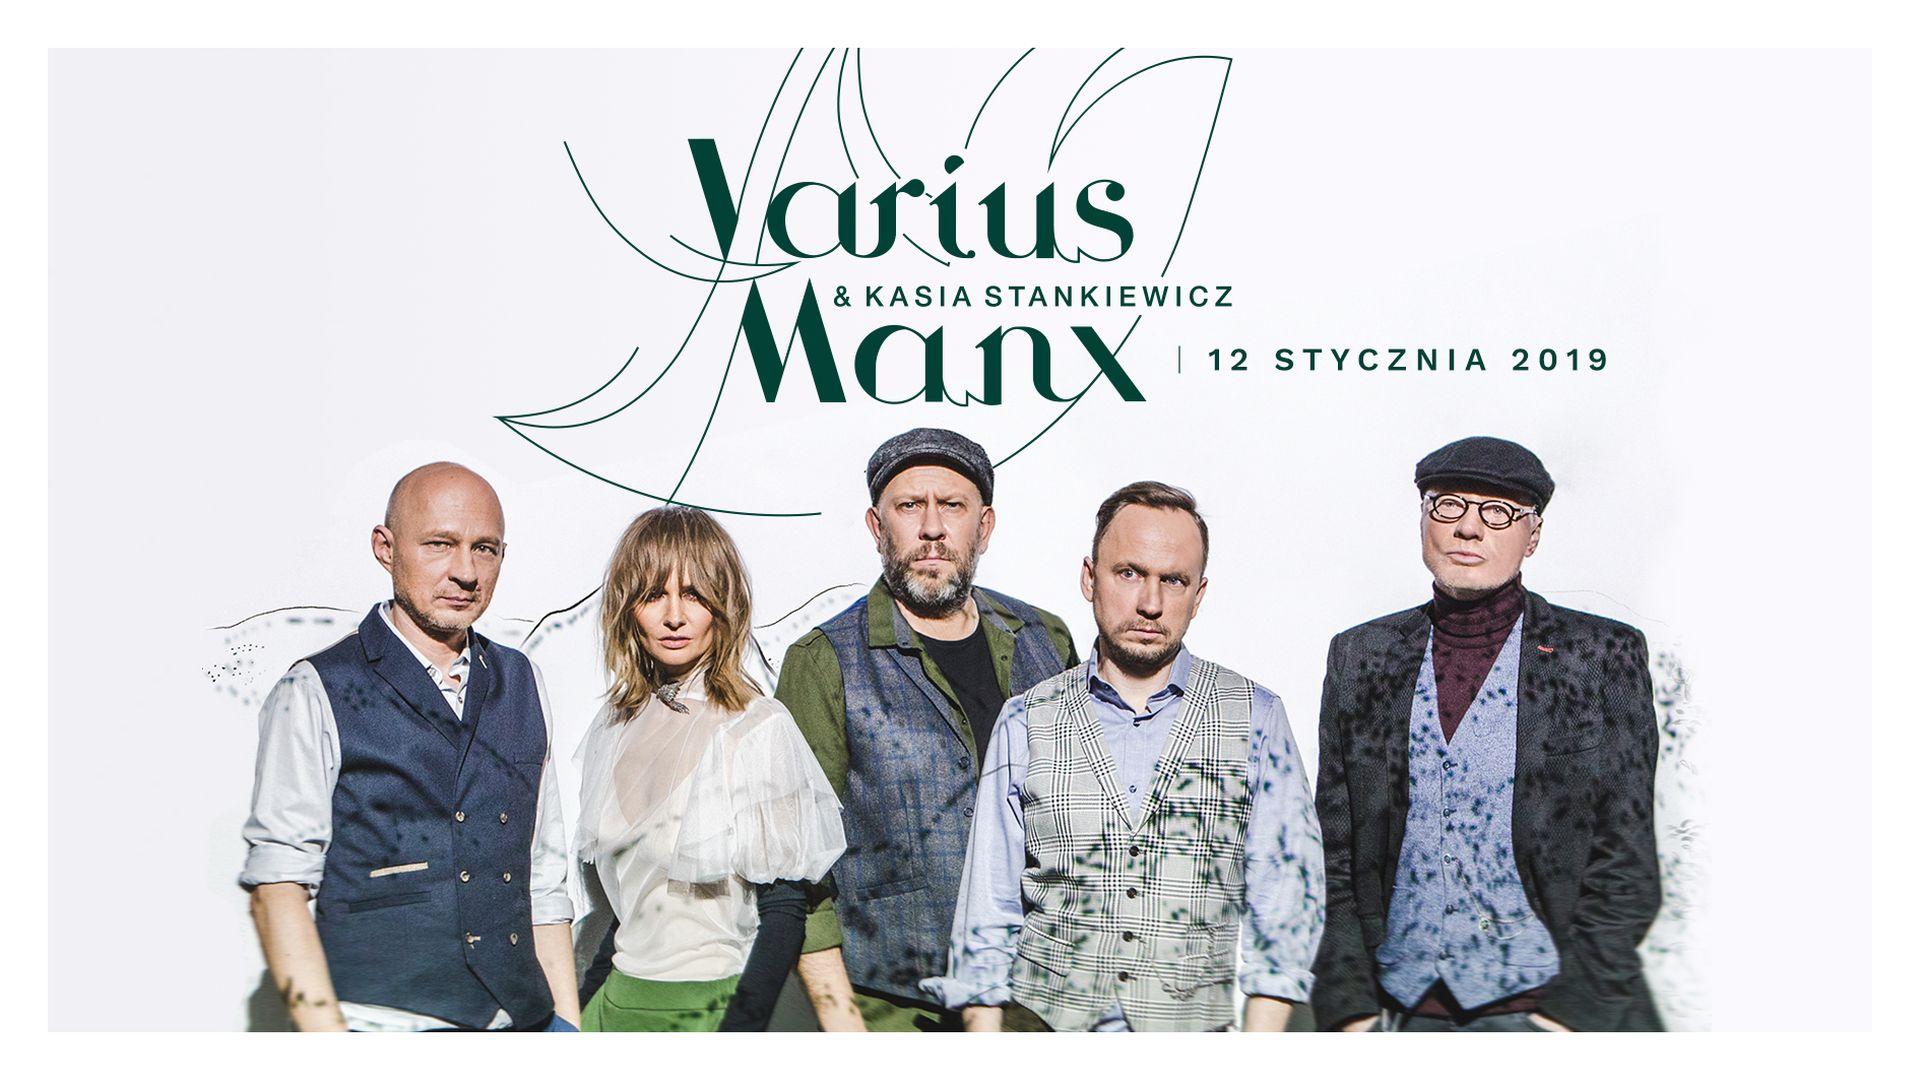 Bilety kolekcjonerskie - Varius Manx & Kasia Stankiewicz